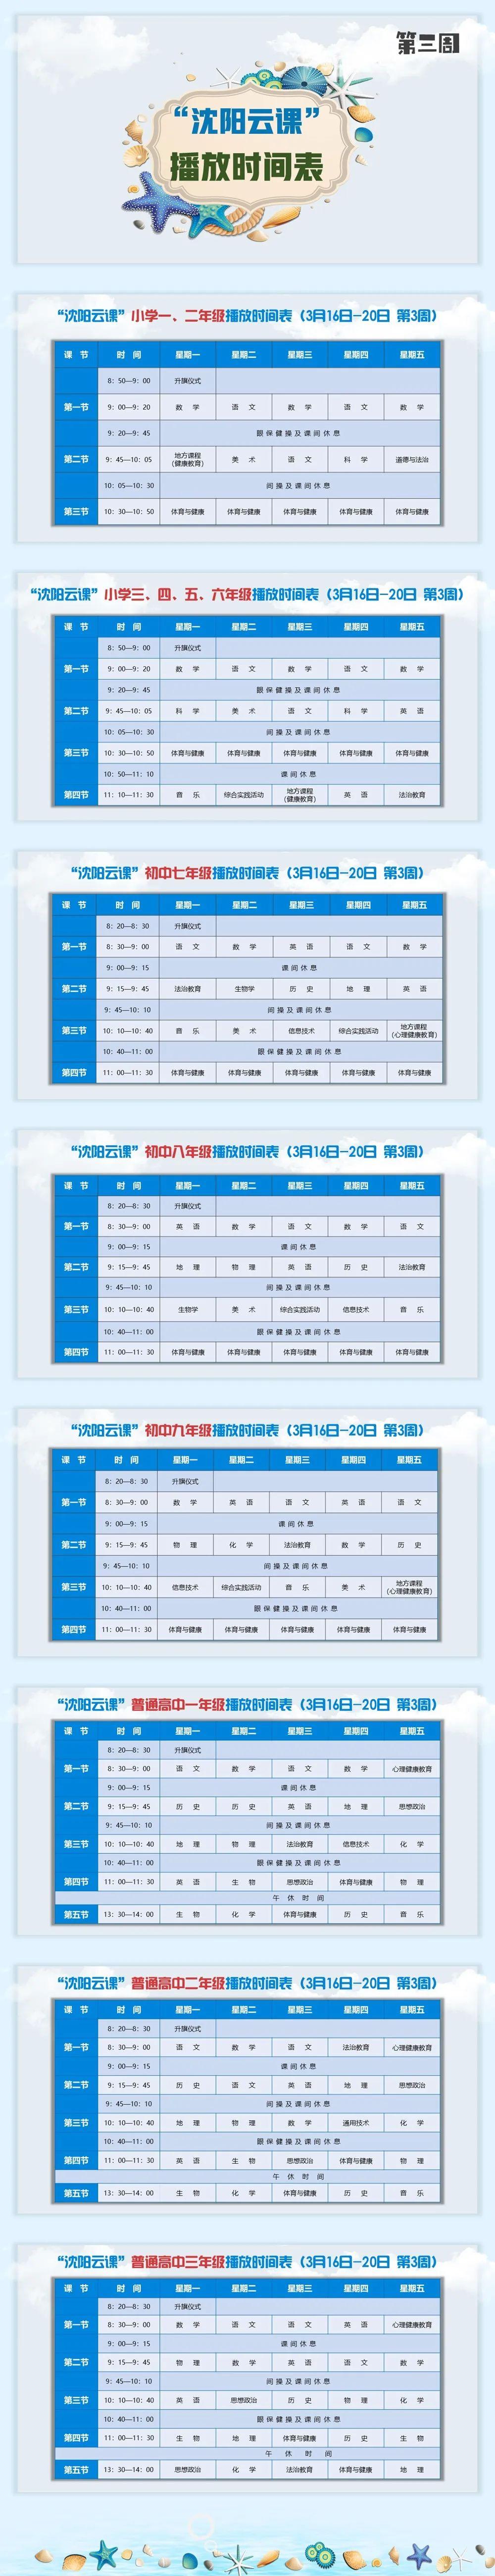 """沈阳中小学""""云课""""第三周播放时间表"""